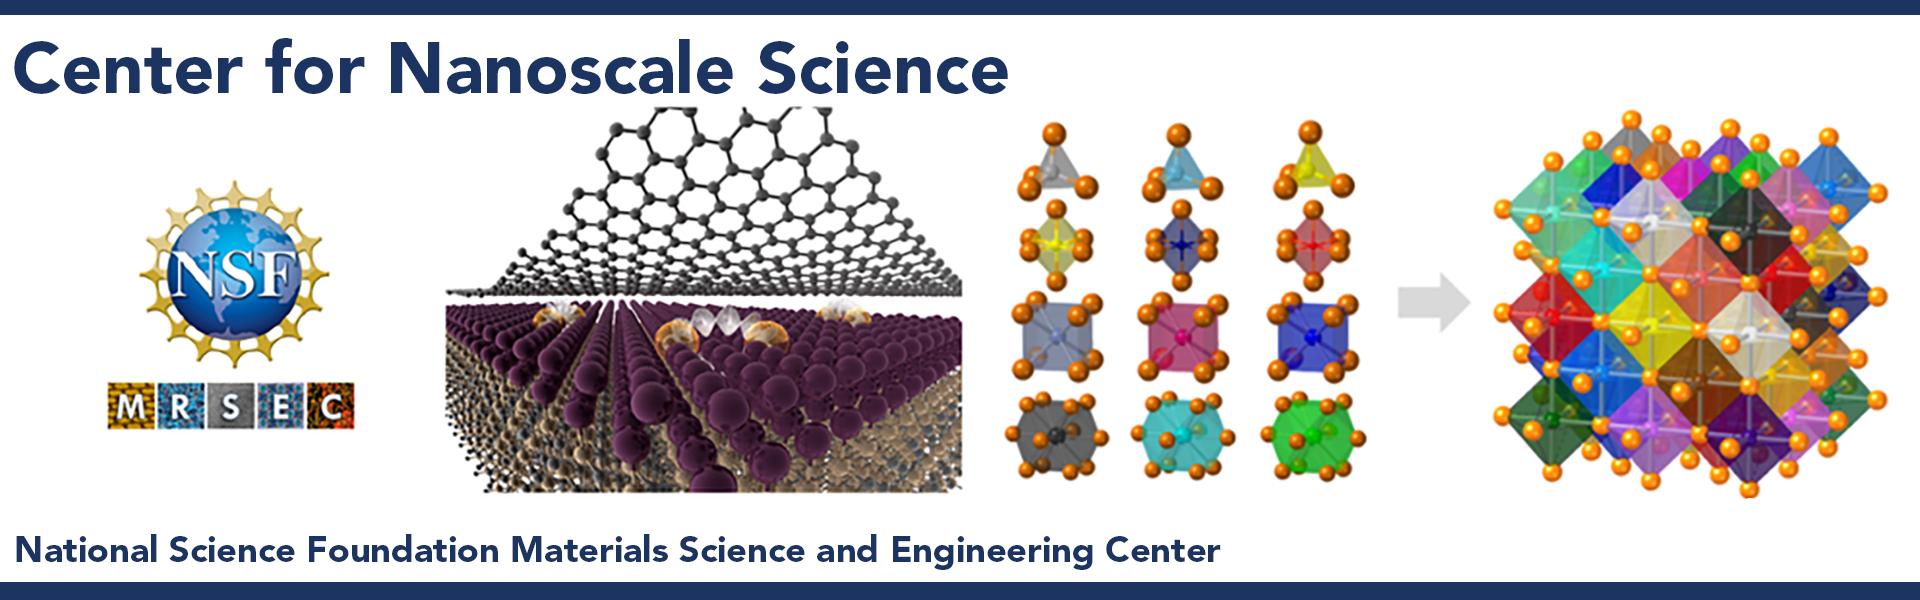 Center for Nanoscale Science